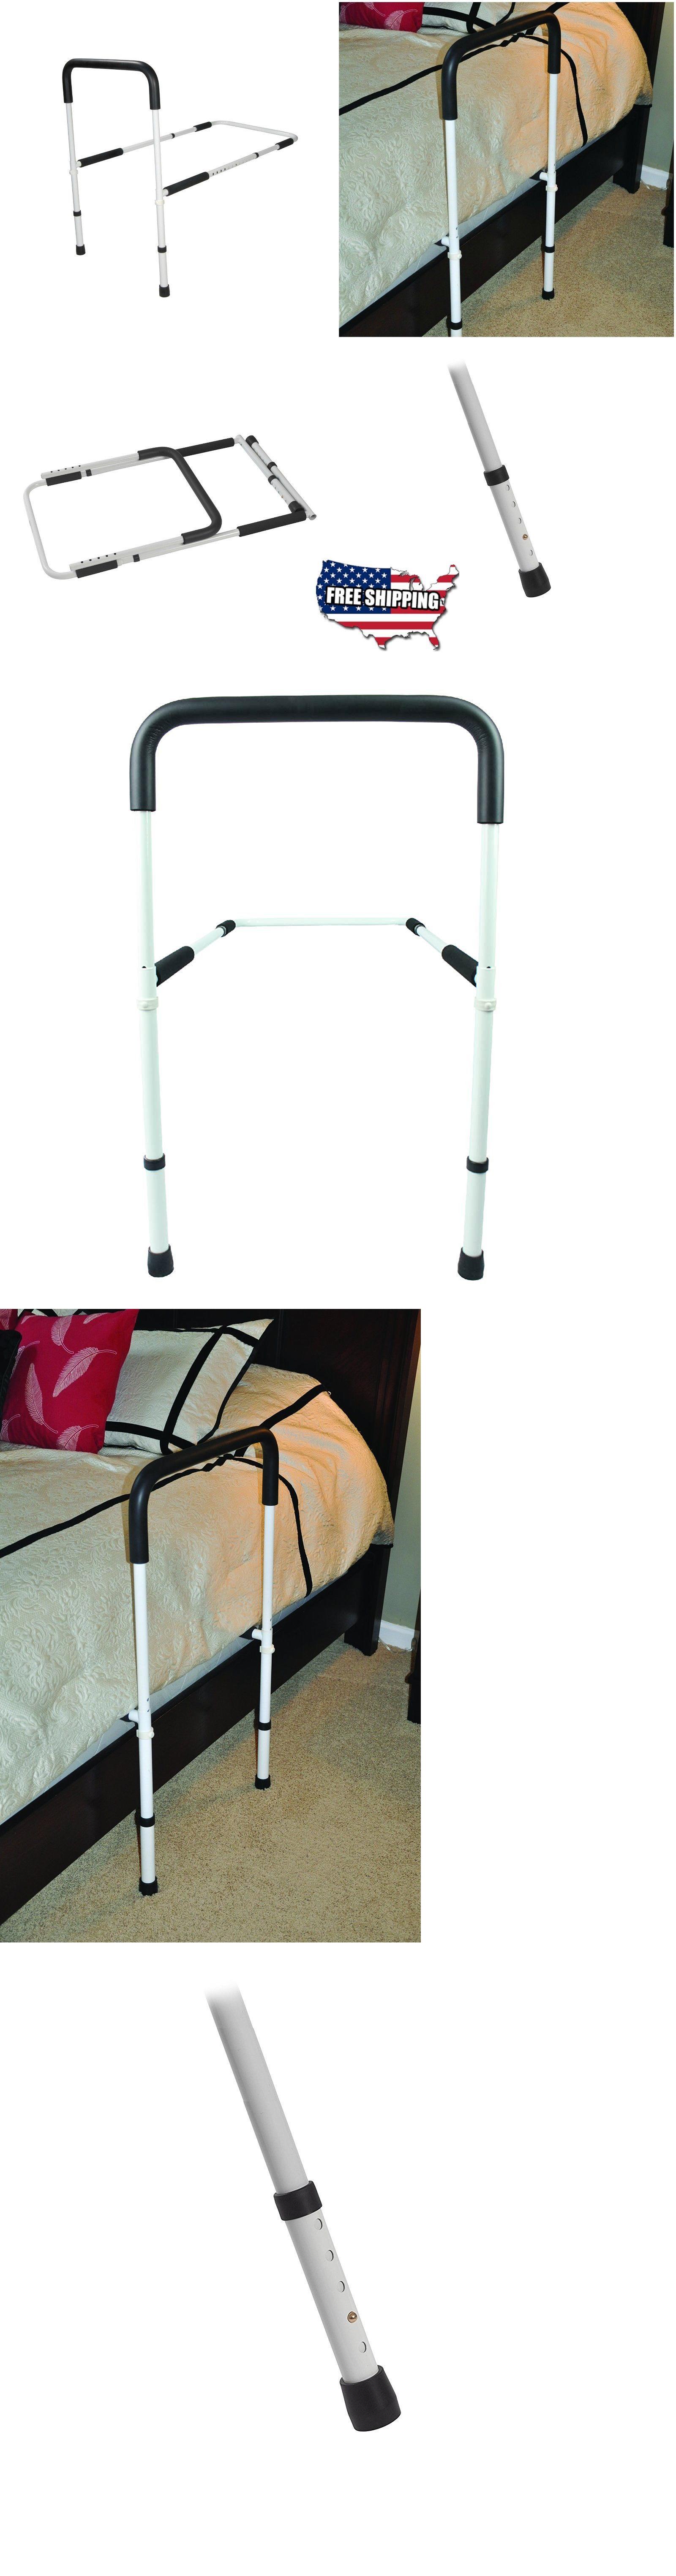 orthorest back bed rail default mobility healthcare for elderly rails asp